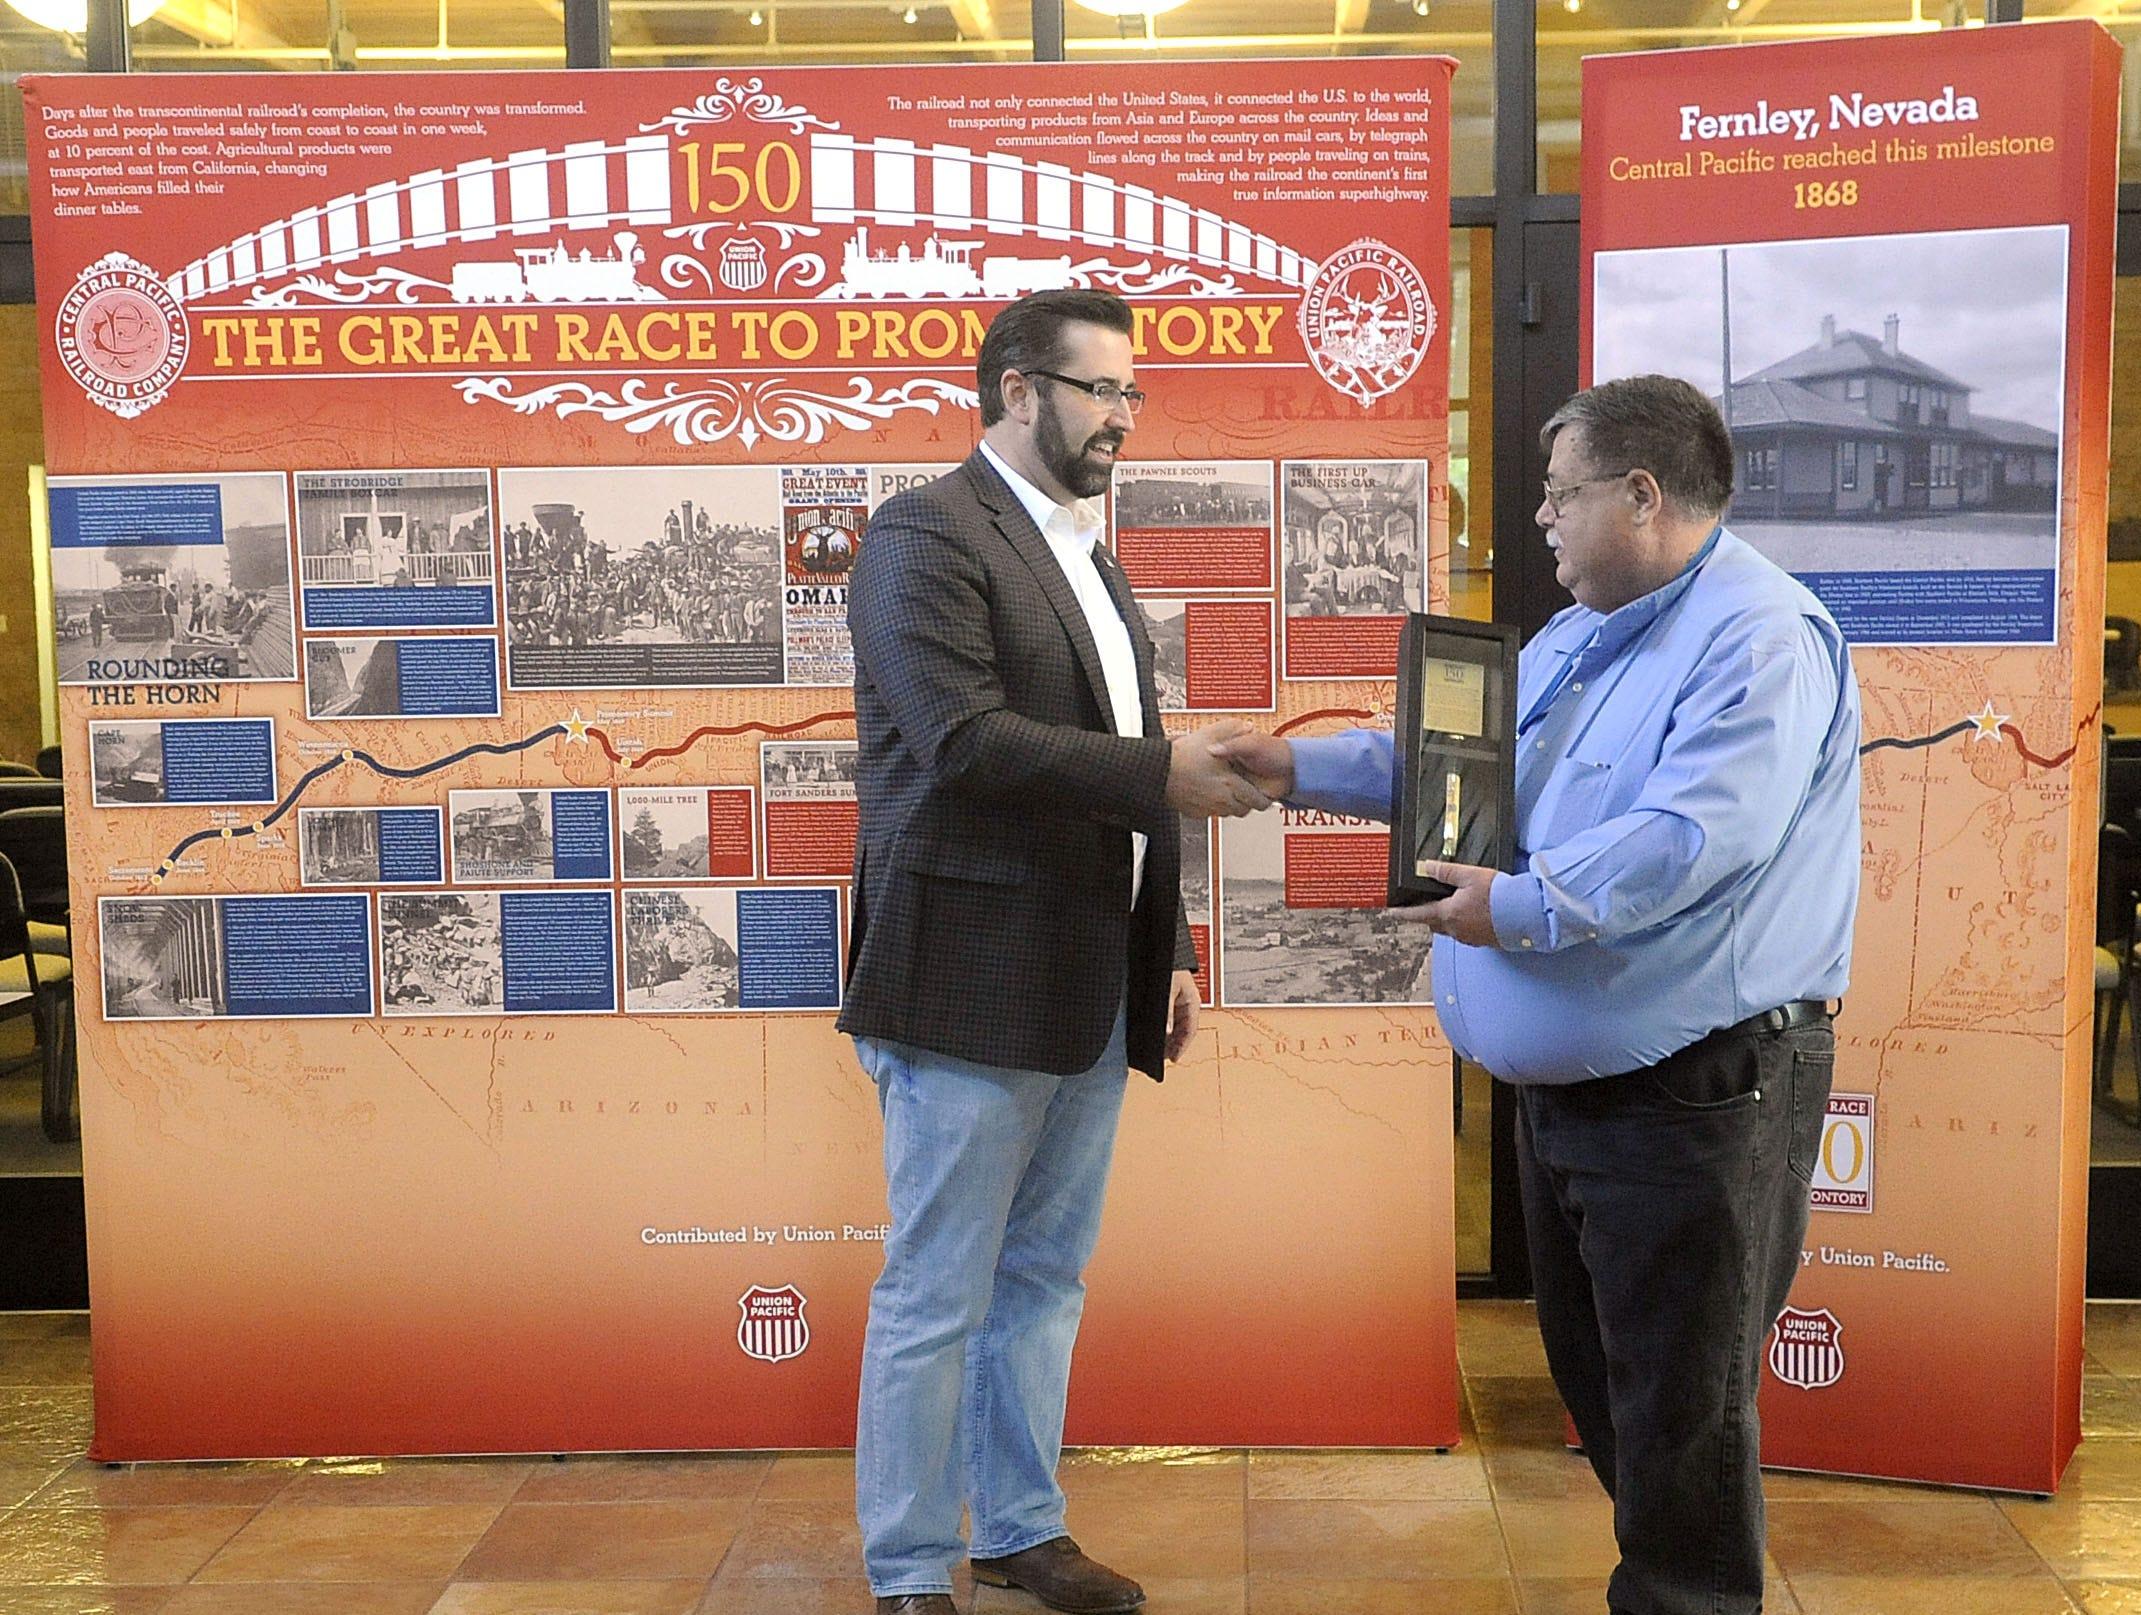 Fernley's railways celebrated